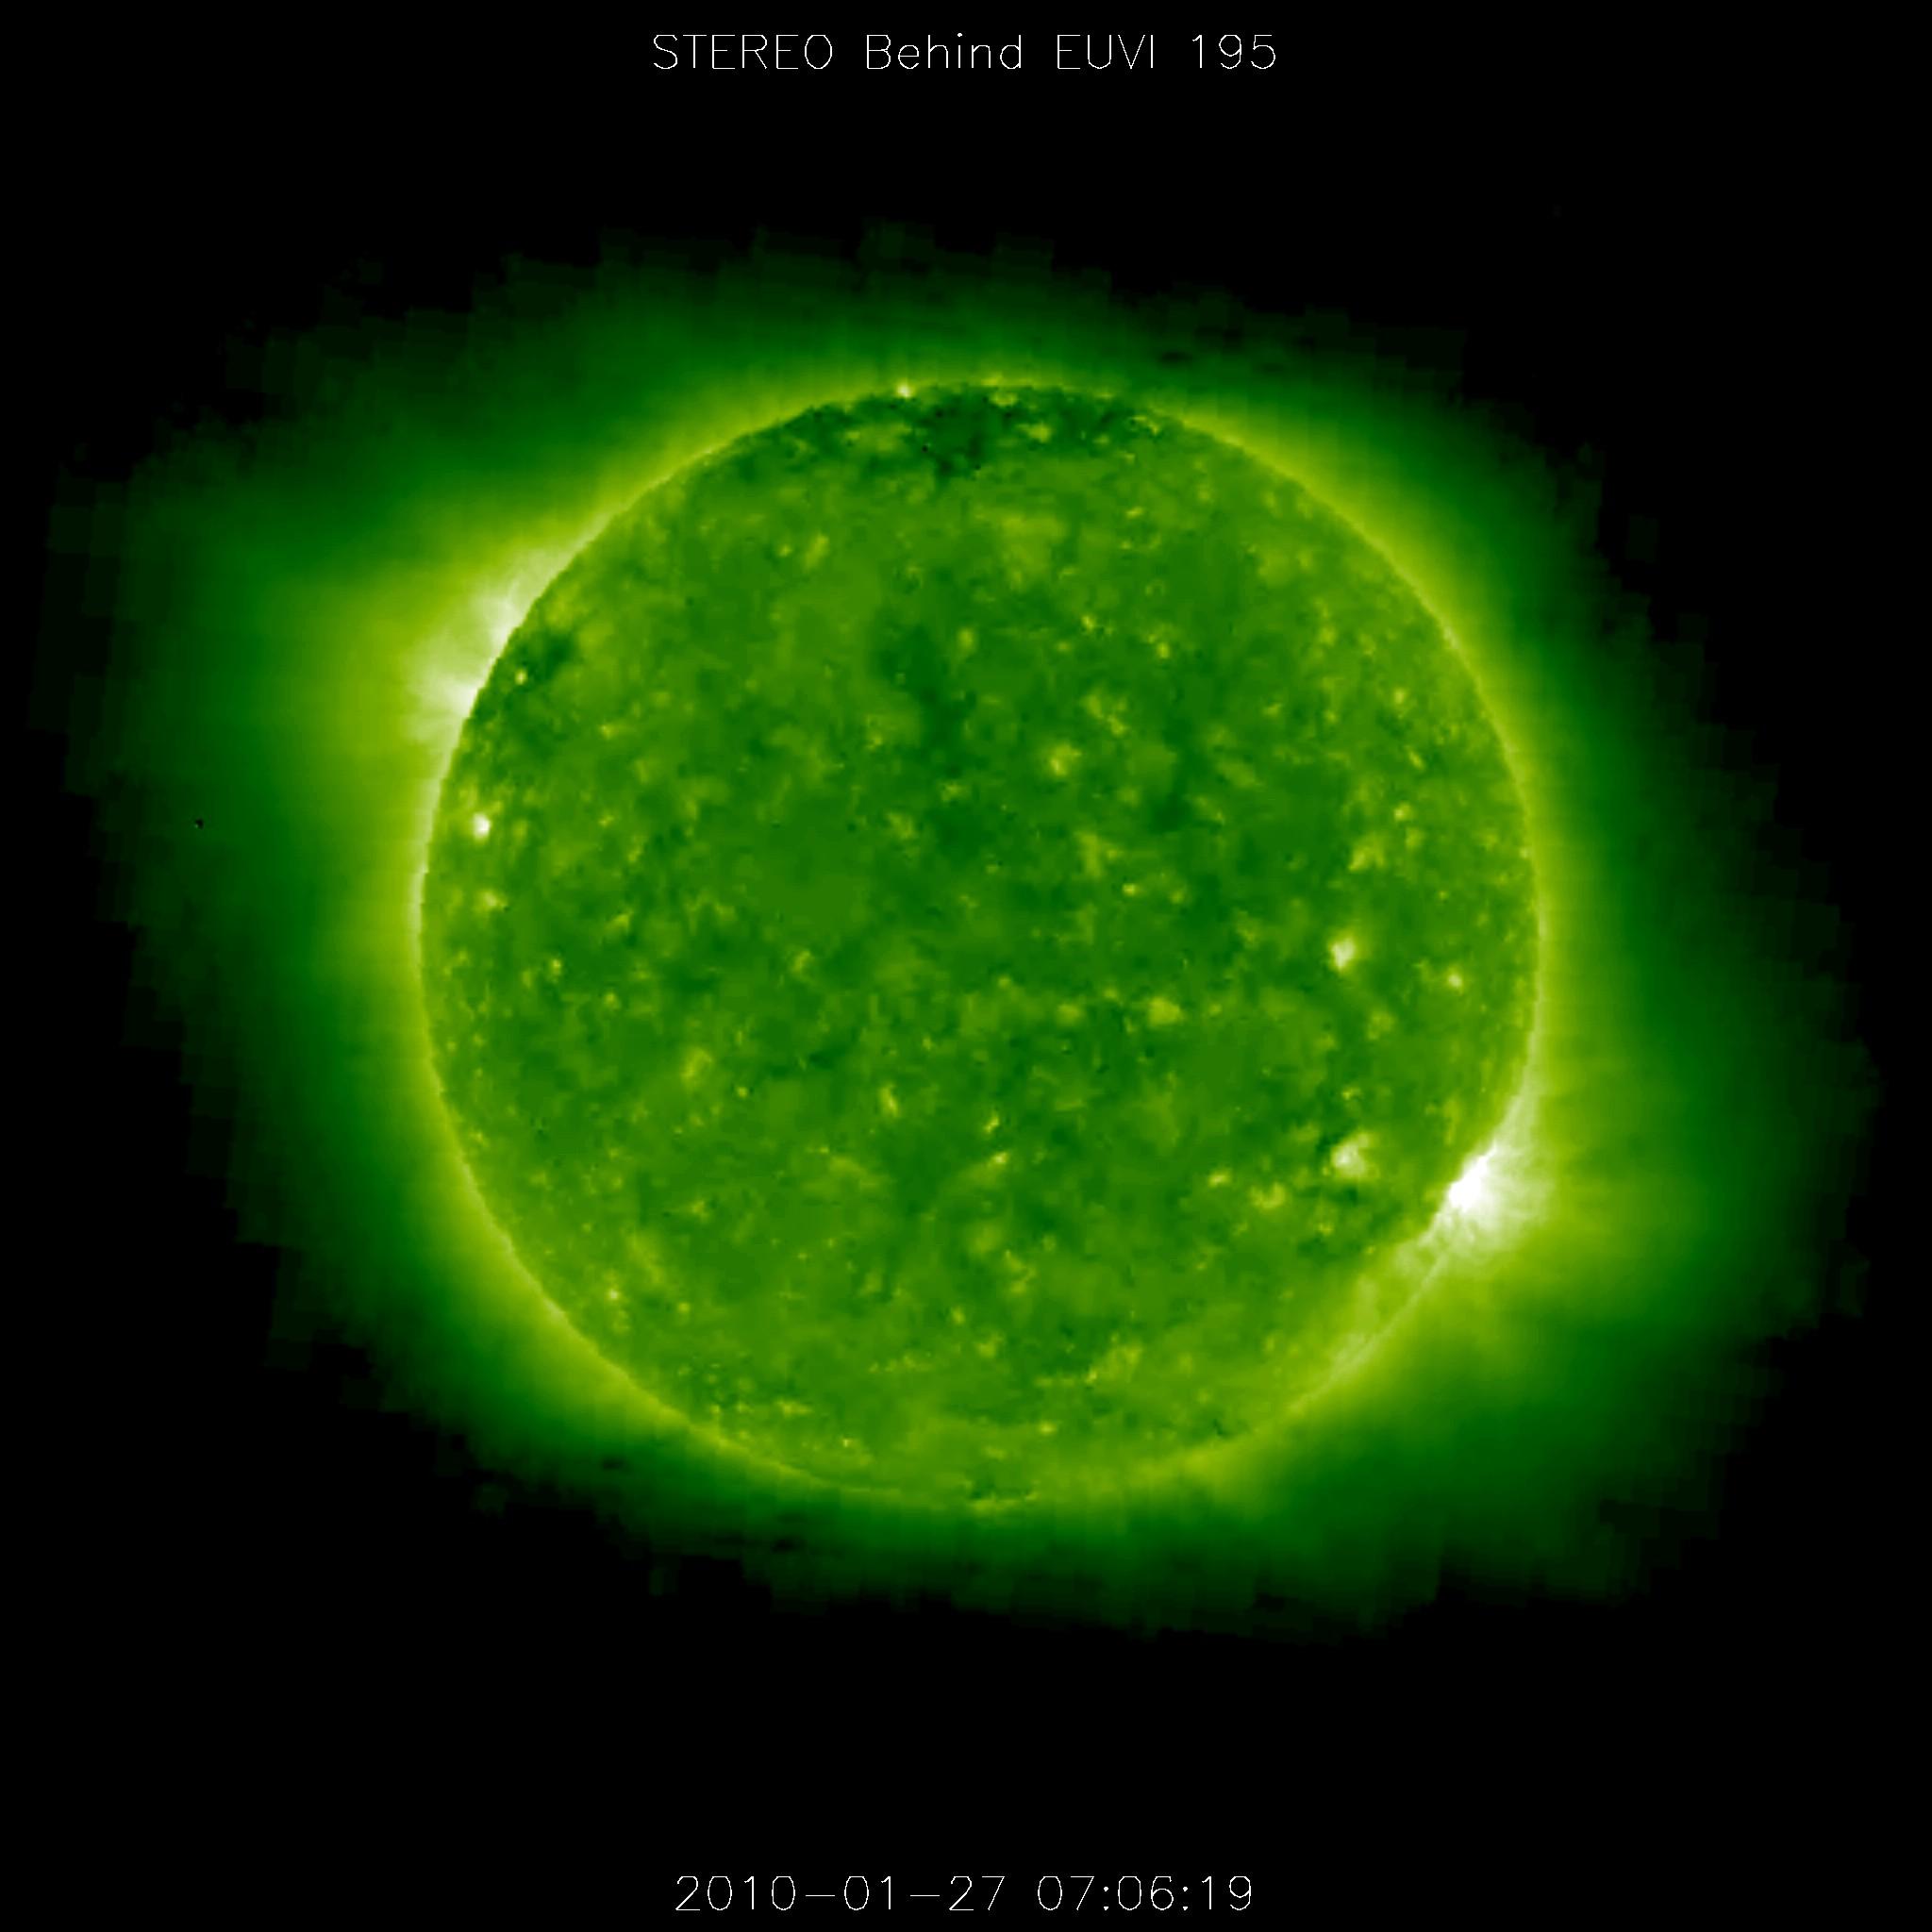 """太陽の周りを回る""""謎の宇宙文明""""?:NASAその証拠を消去!?_e0171614_18511467.jpg"""